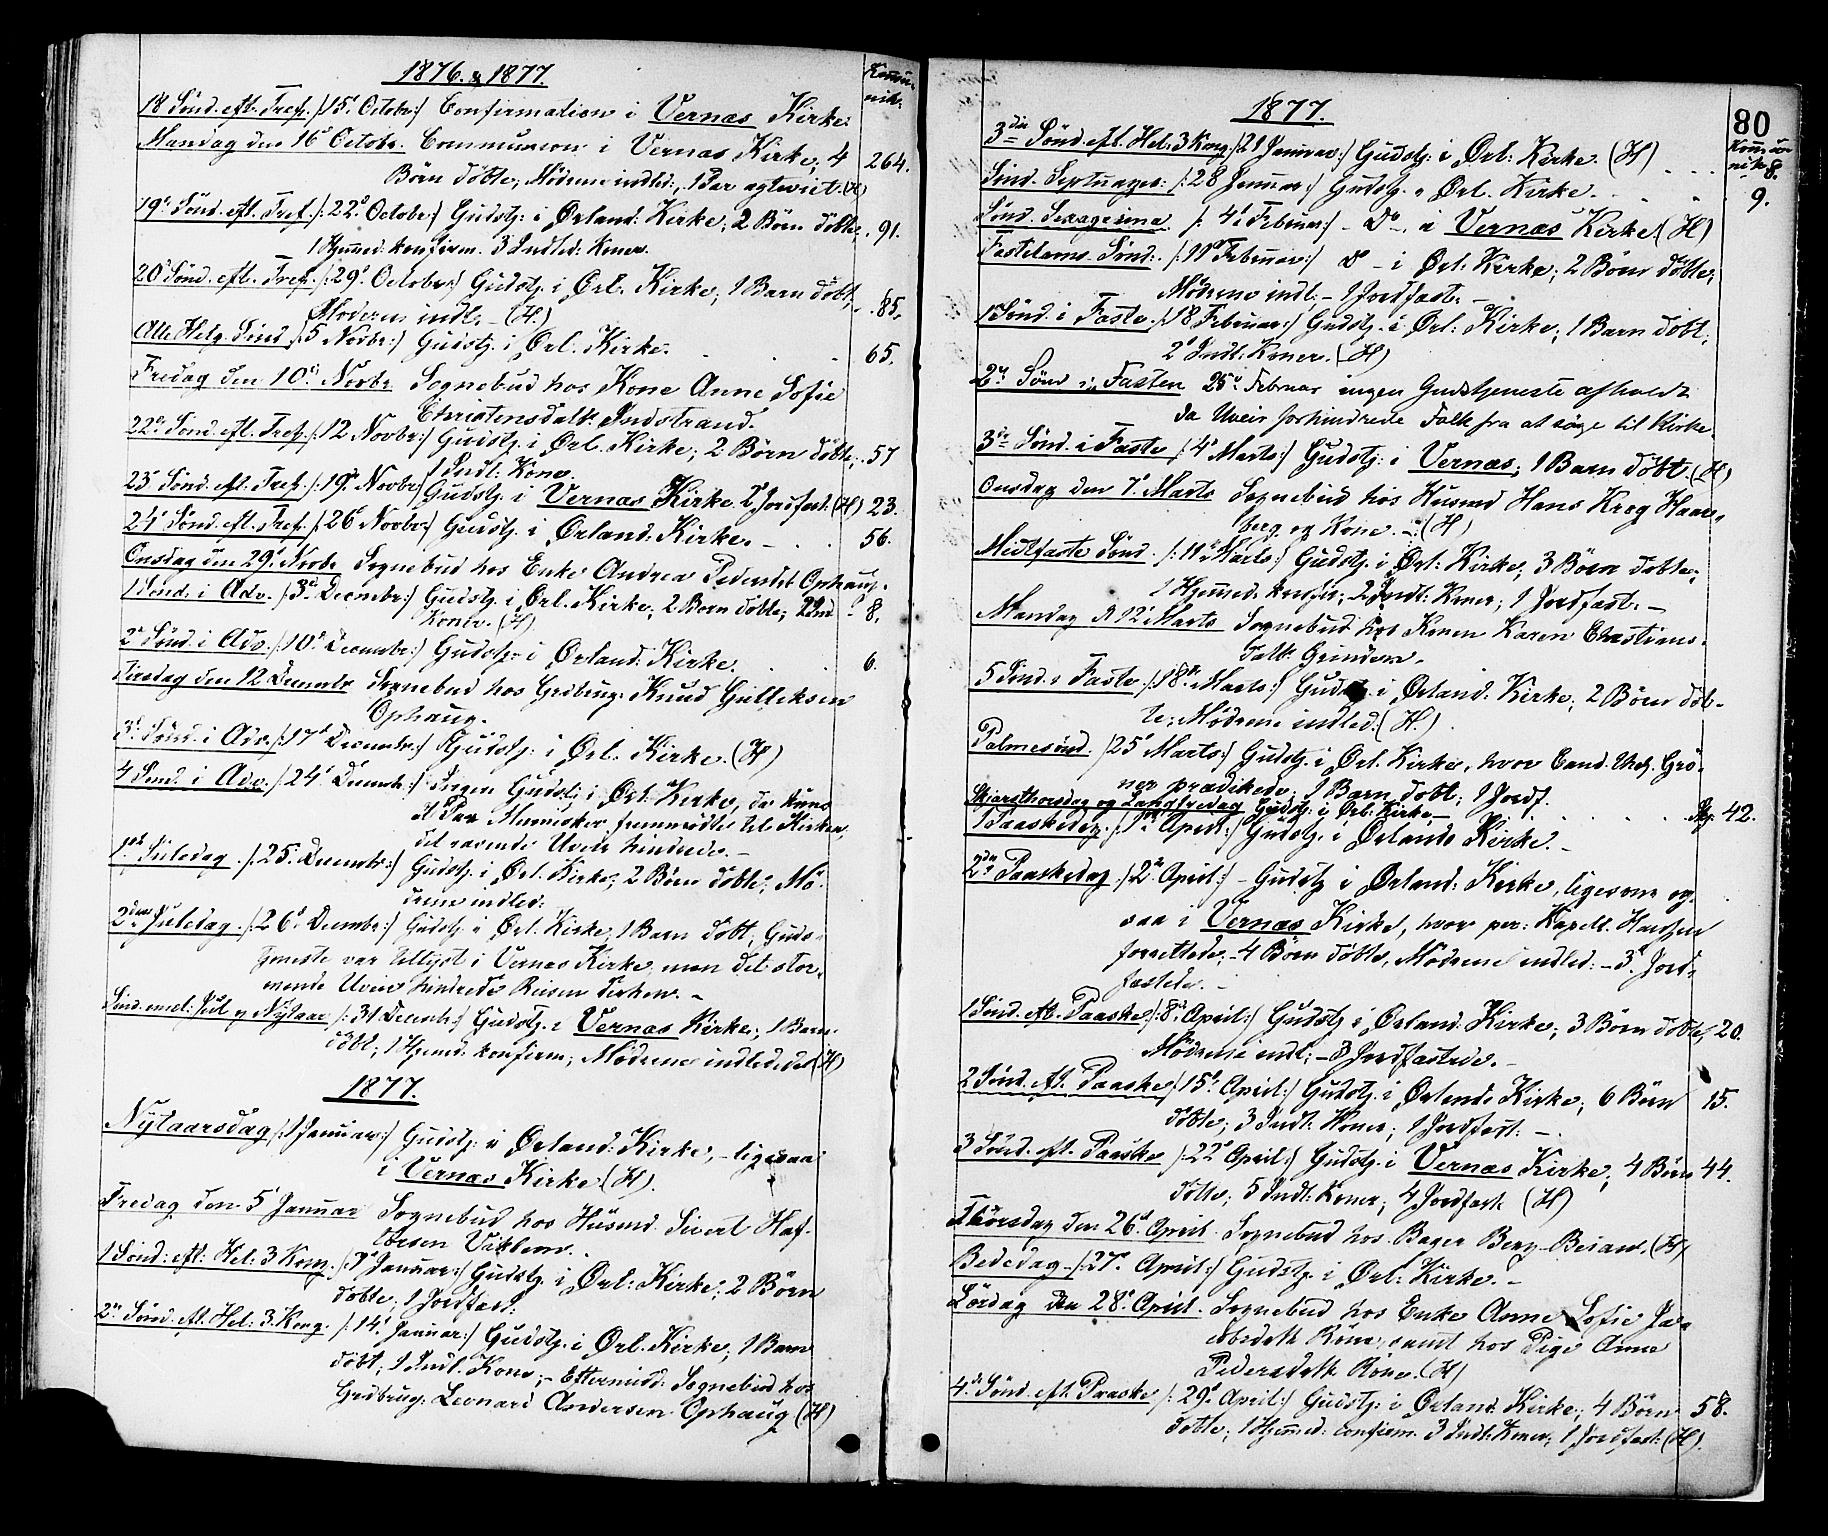 SAT, Ministerialprotokoller, klokkerbøker og fødselsregistre - Sør-Trøndelag, 659/L0738: Ministerialbok nr. 659A08, 1876-1878, s. 80